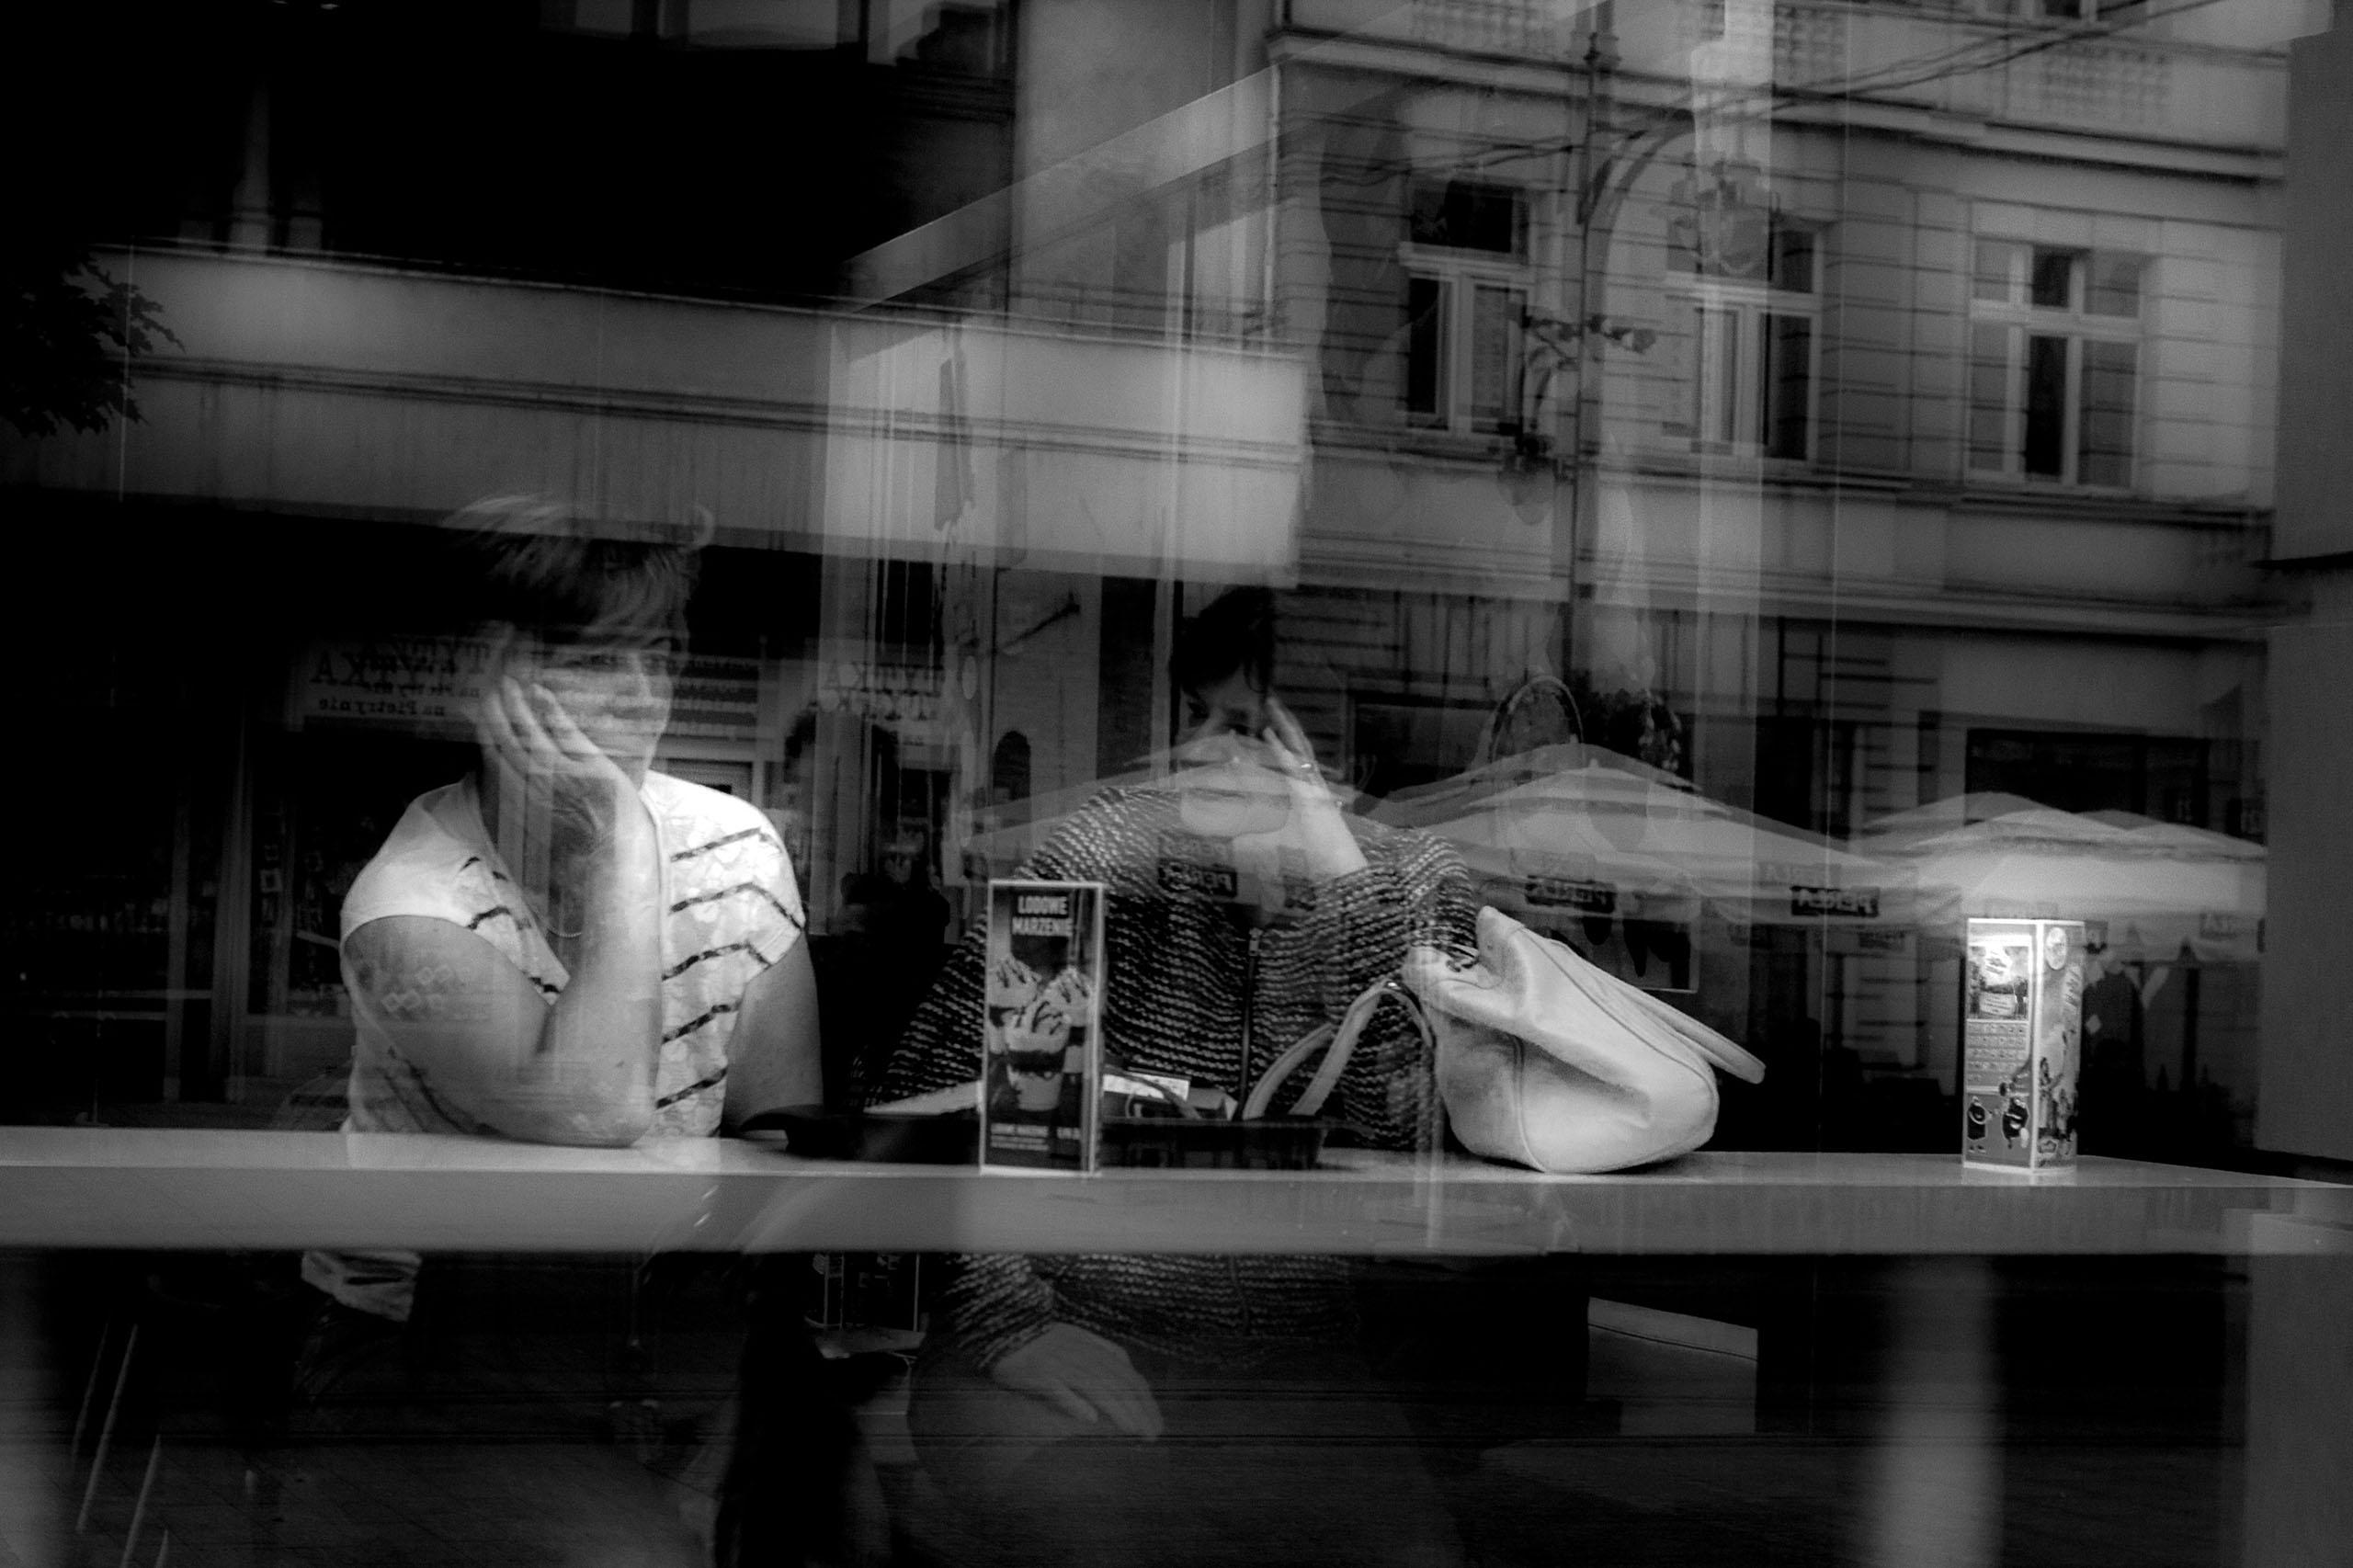 © Aironas Juozonis